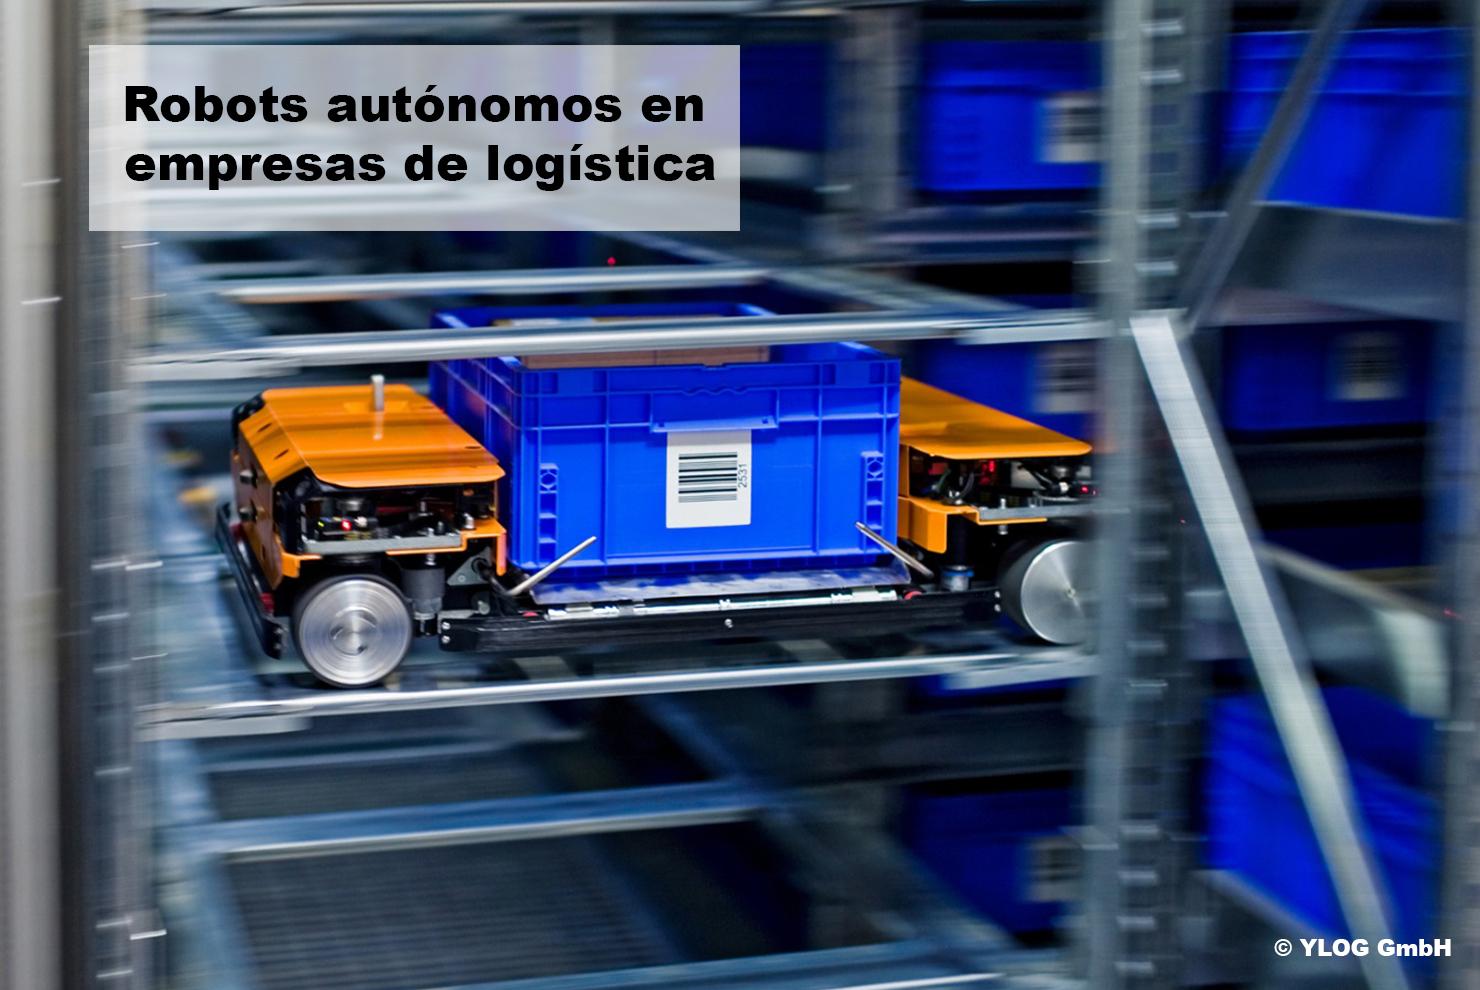 Motores de corriente continua, robots de logística.